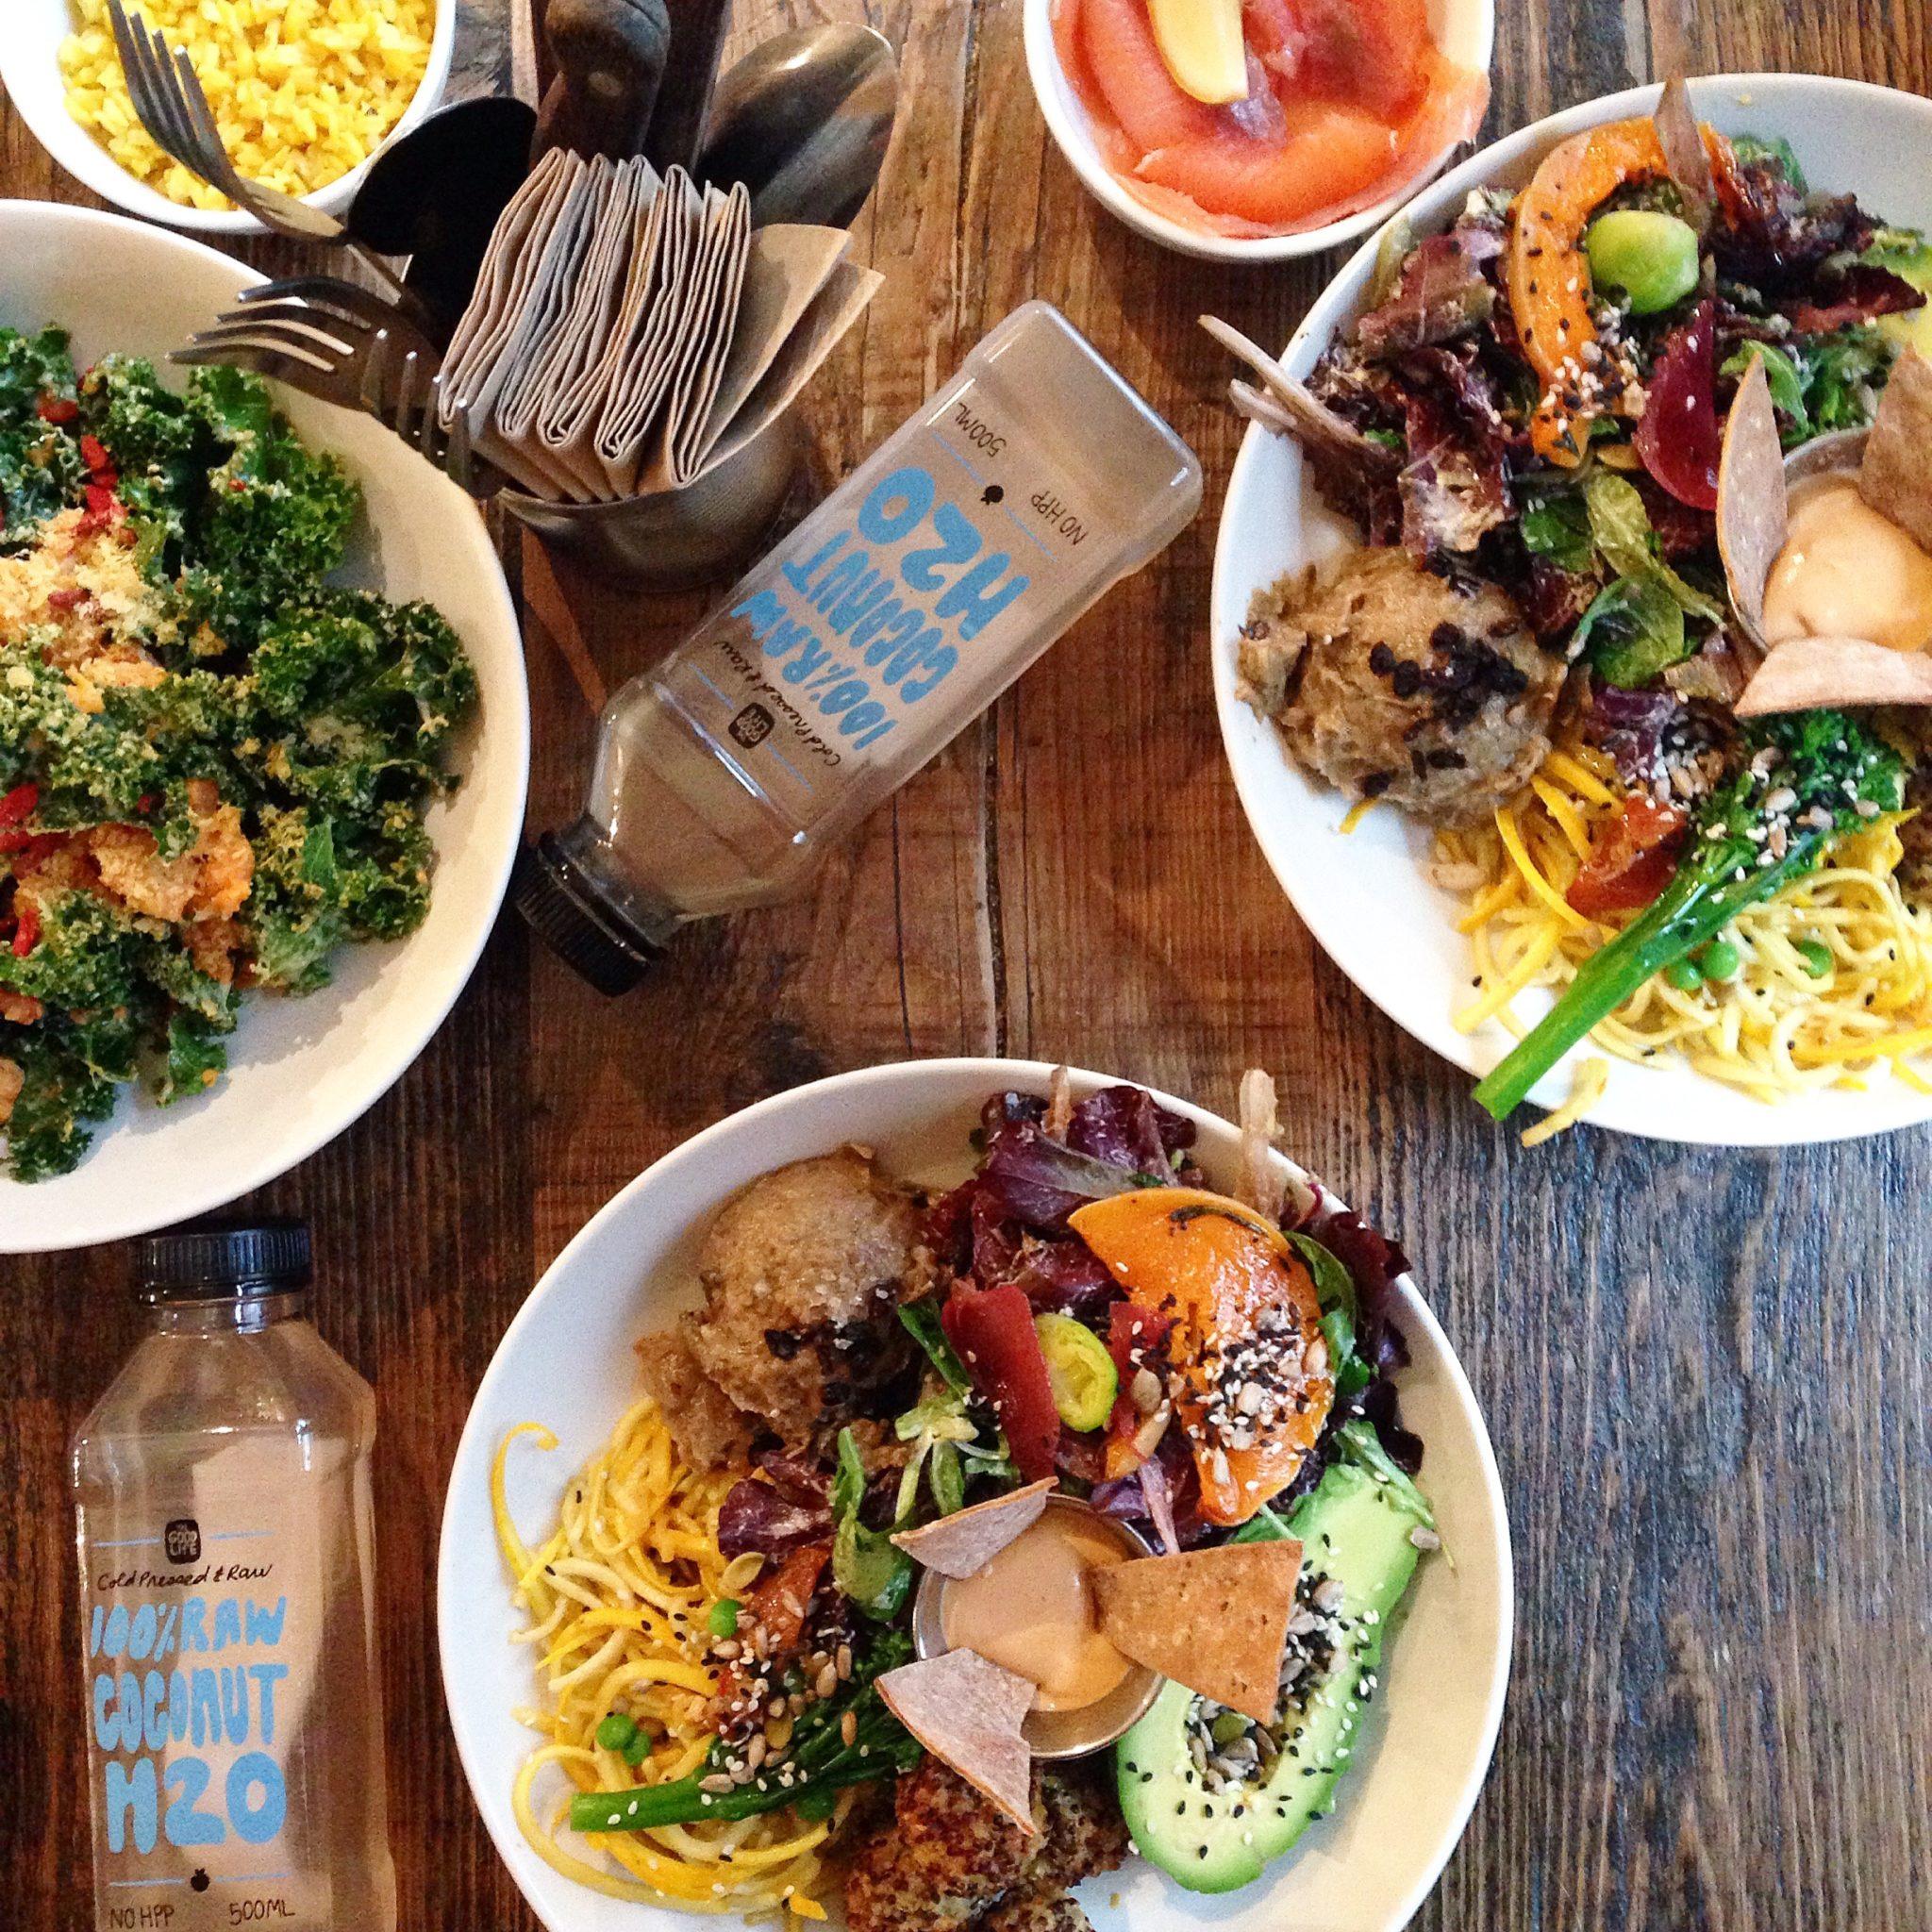 Good life eatery